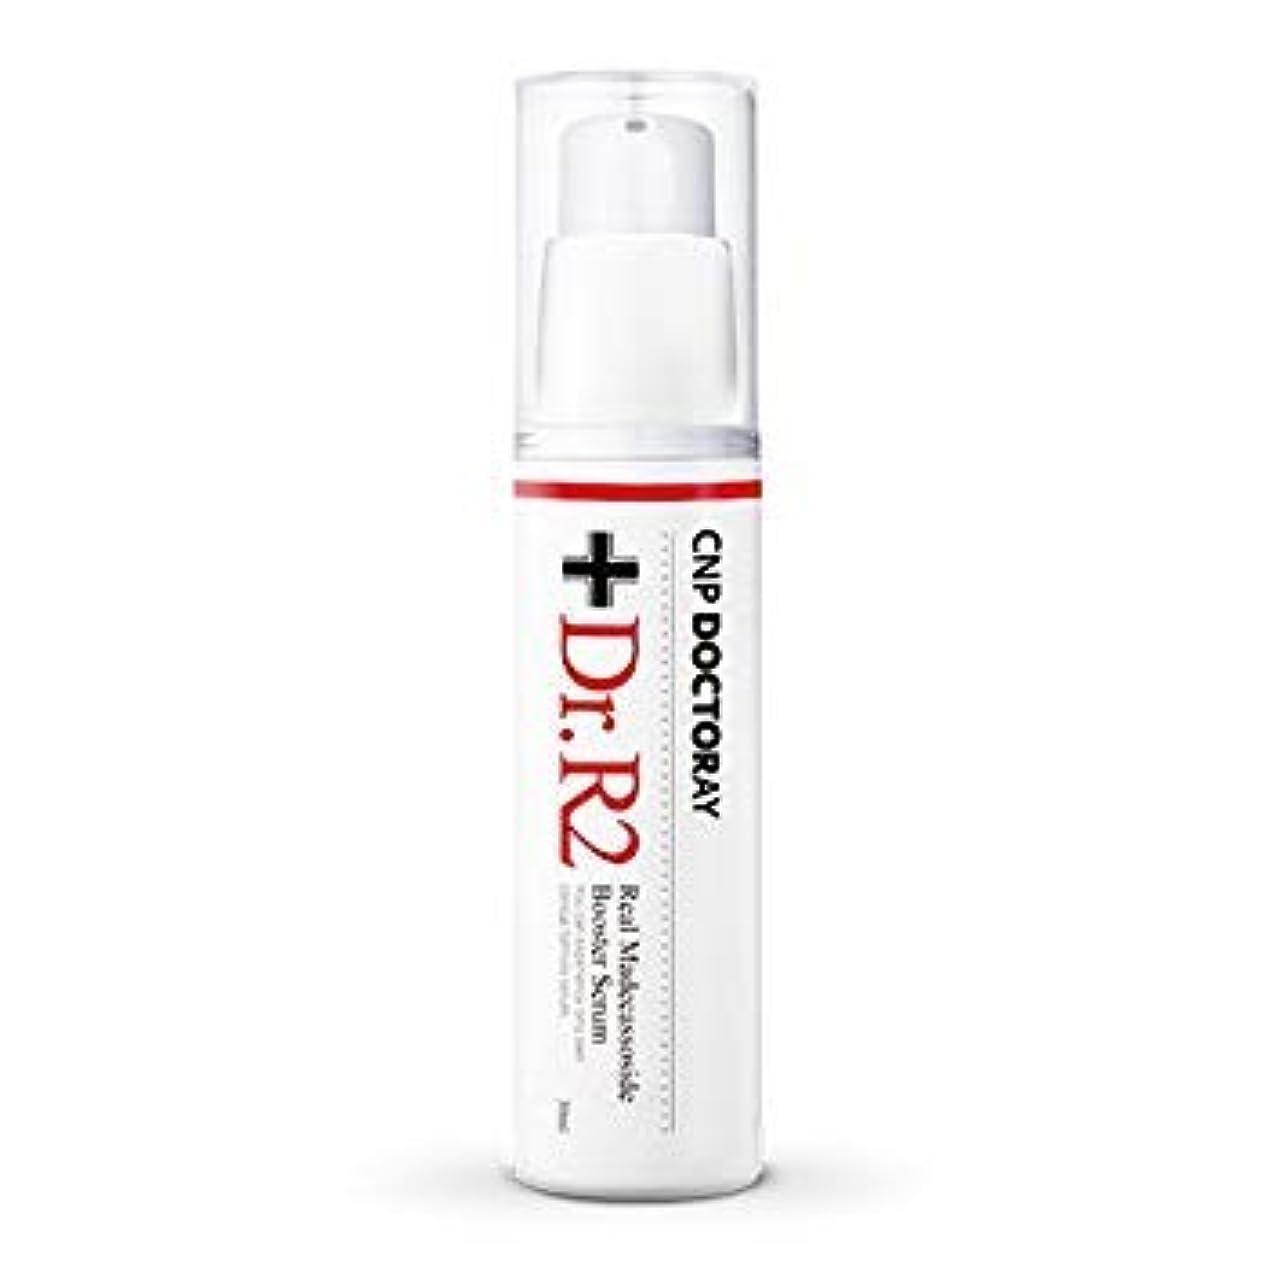 目指す腐ったキーCNPドクターレイ(CNP DOCTORAY)Dr.R2 リアルマデカーソサイドブースターセラム 30ml (Dr.R2 Real Madecassoside Booster Serum)